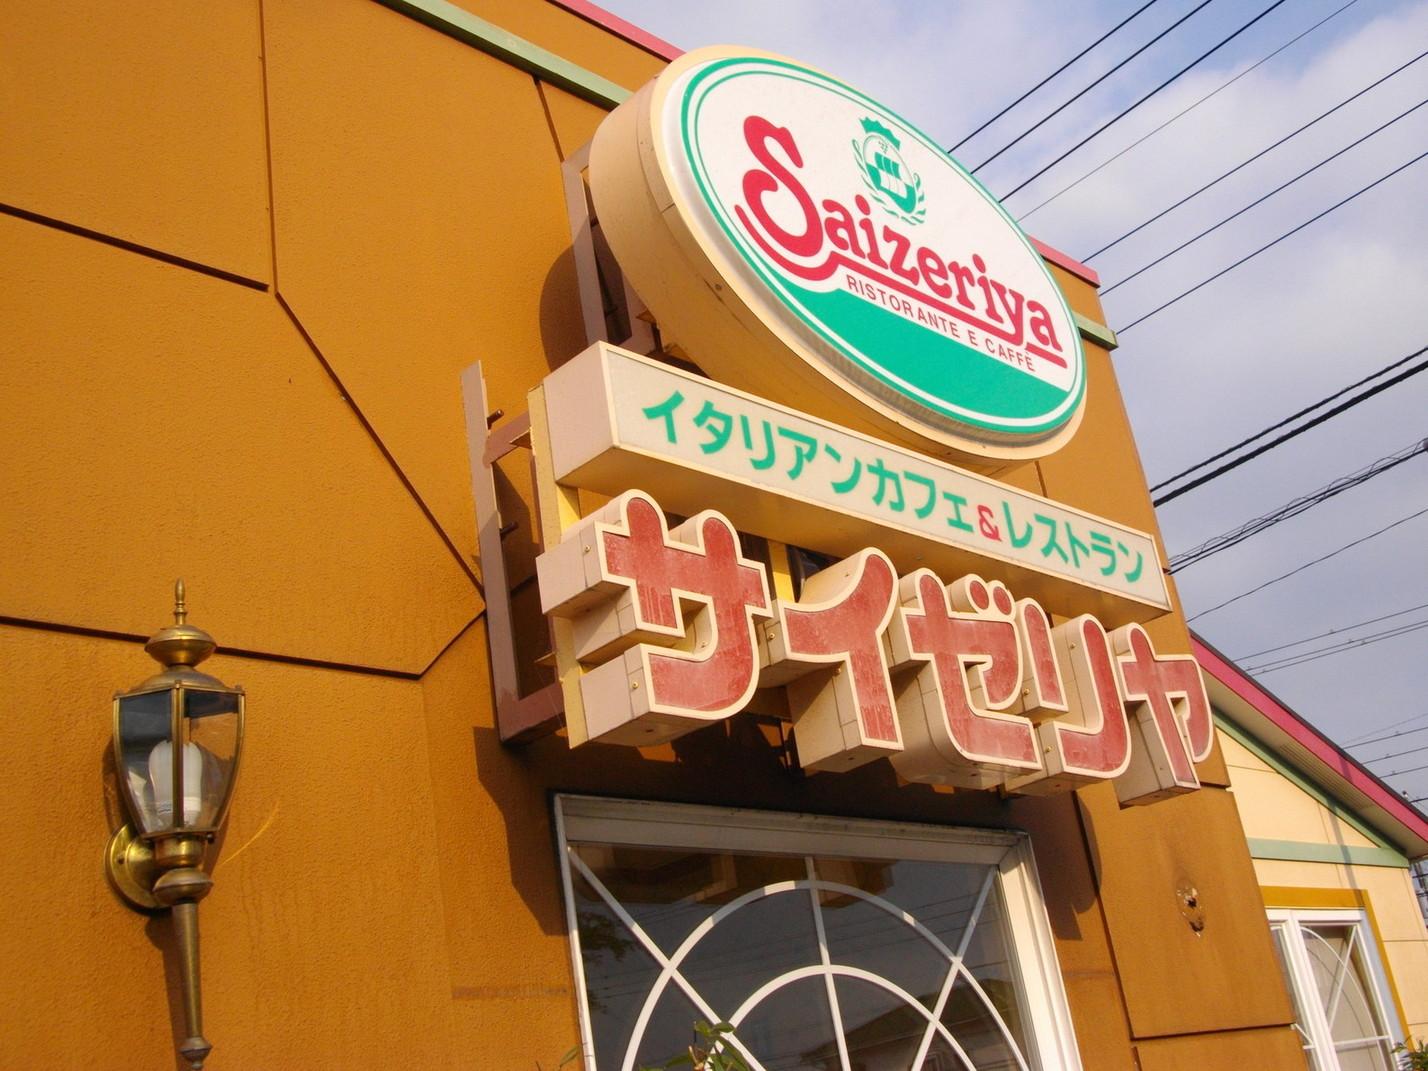 サイゼリヤ 三島南店 name=